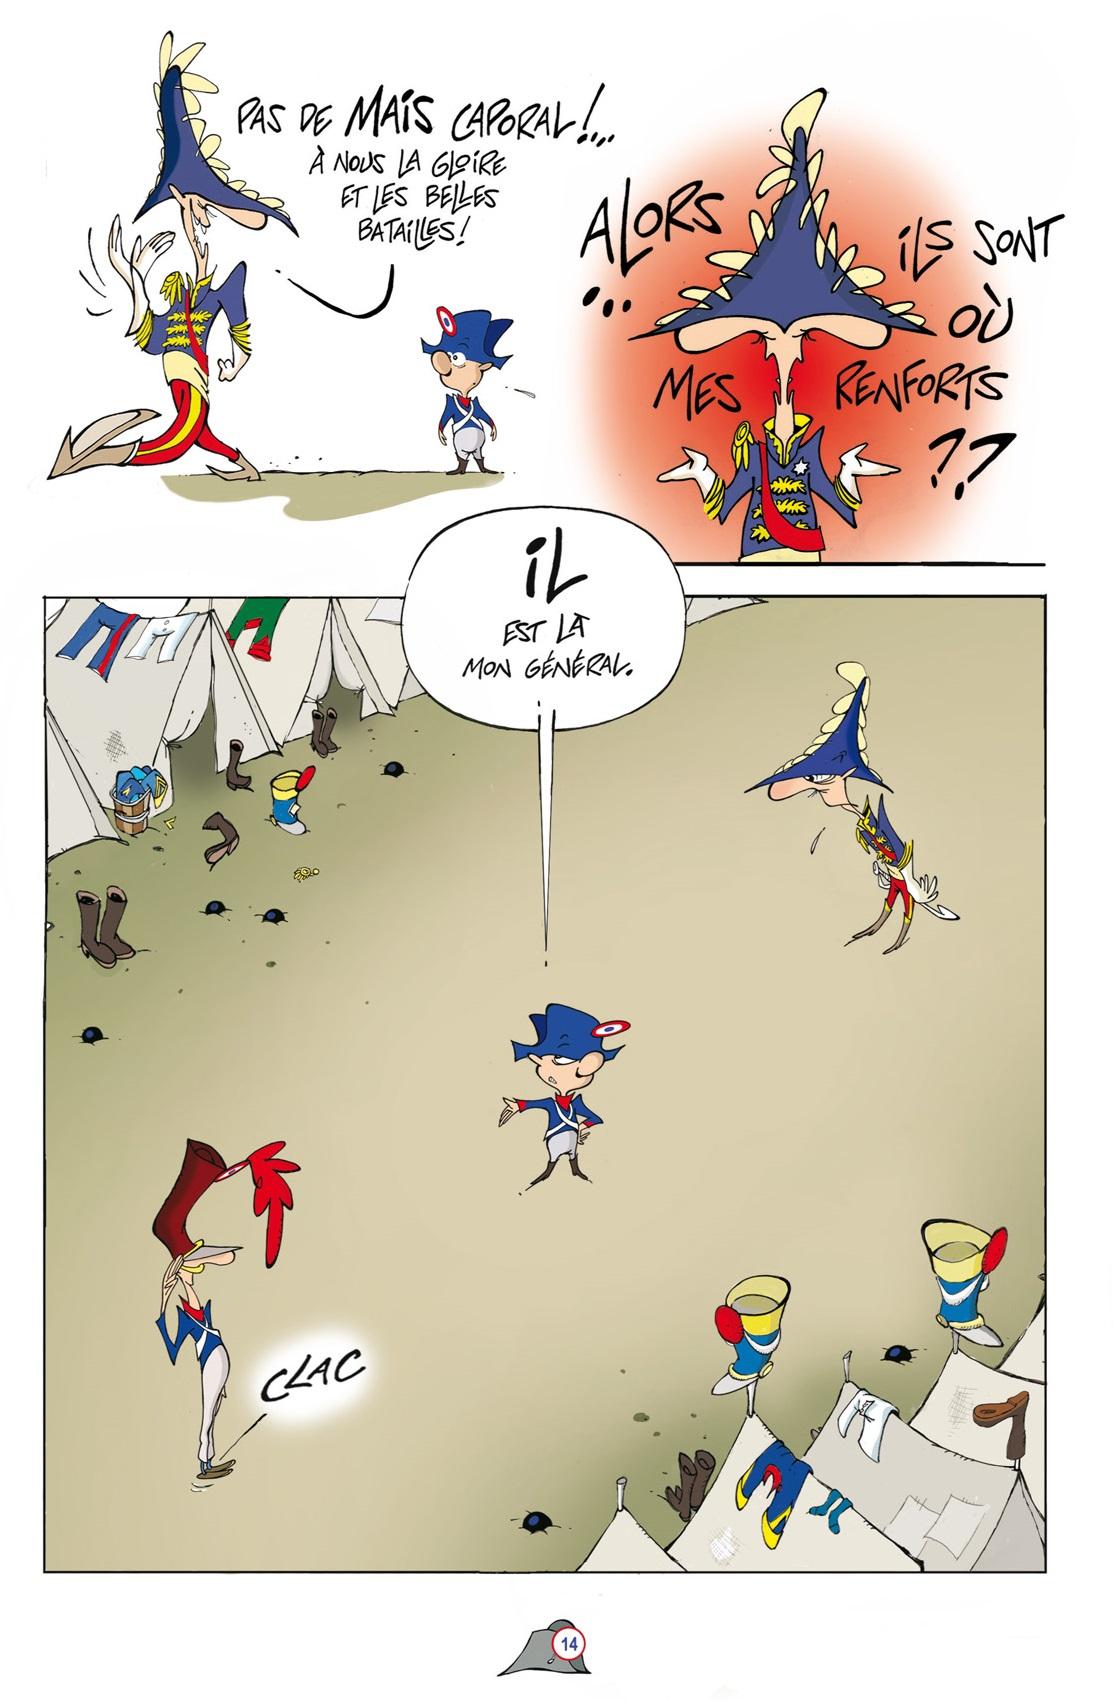 Le Blouze de l'Aigle  page 14